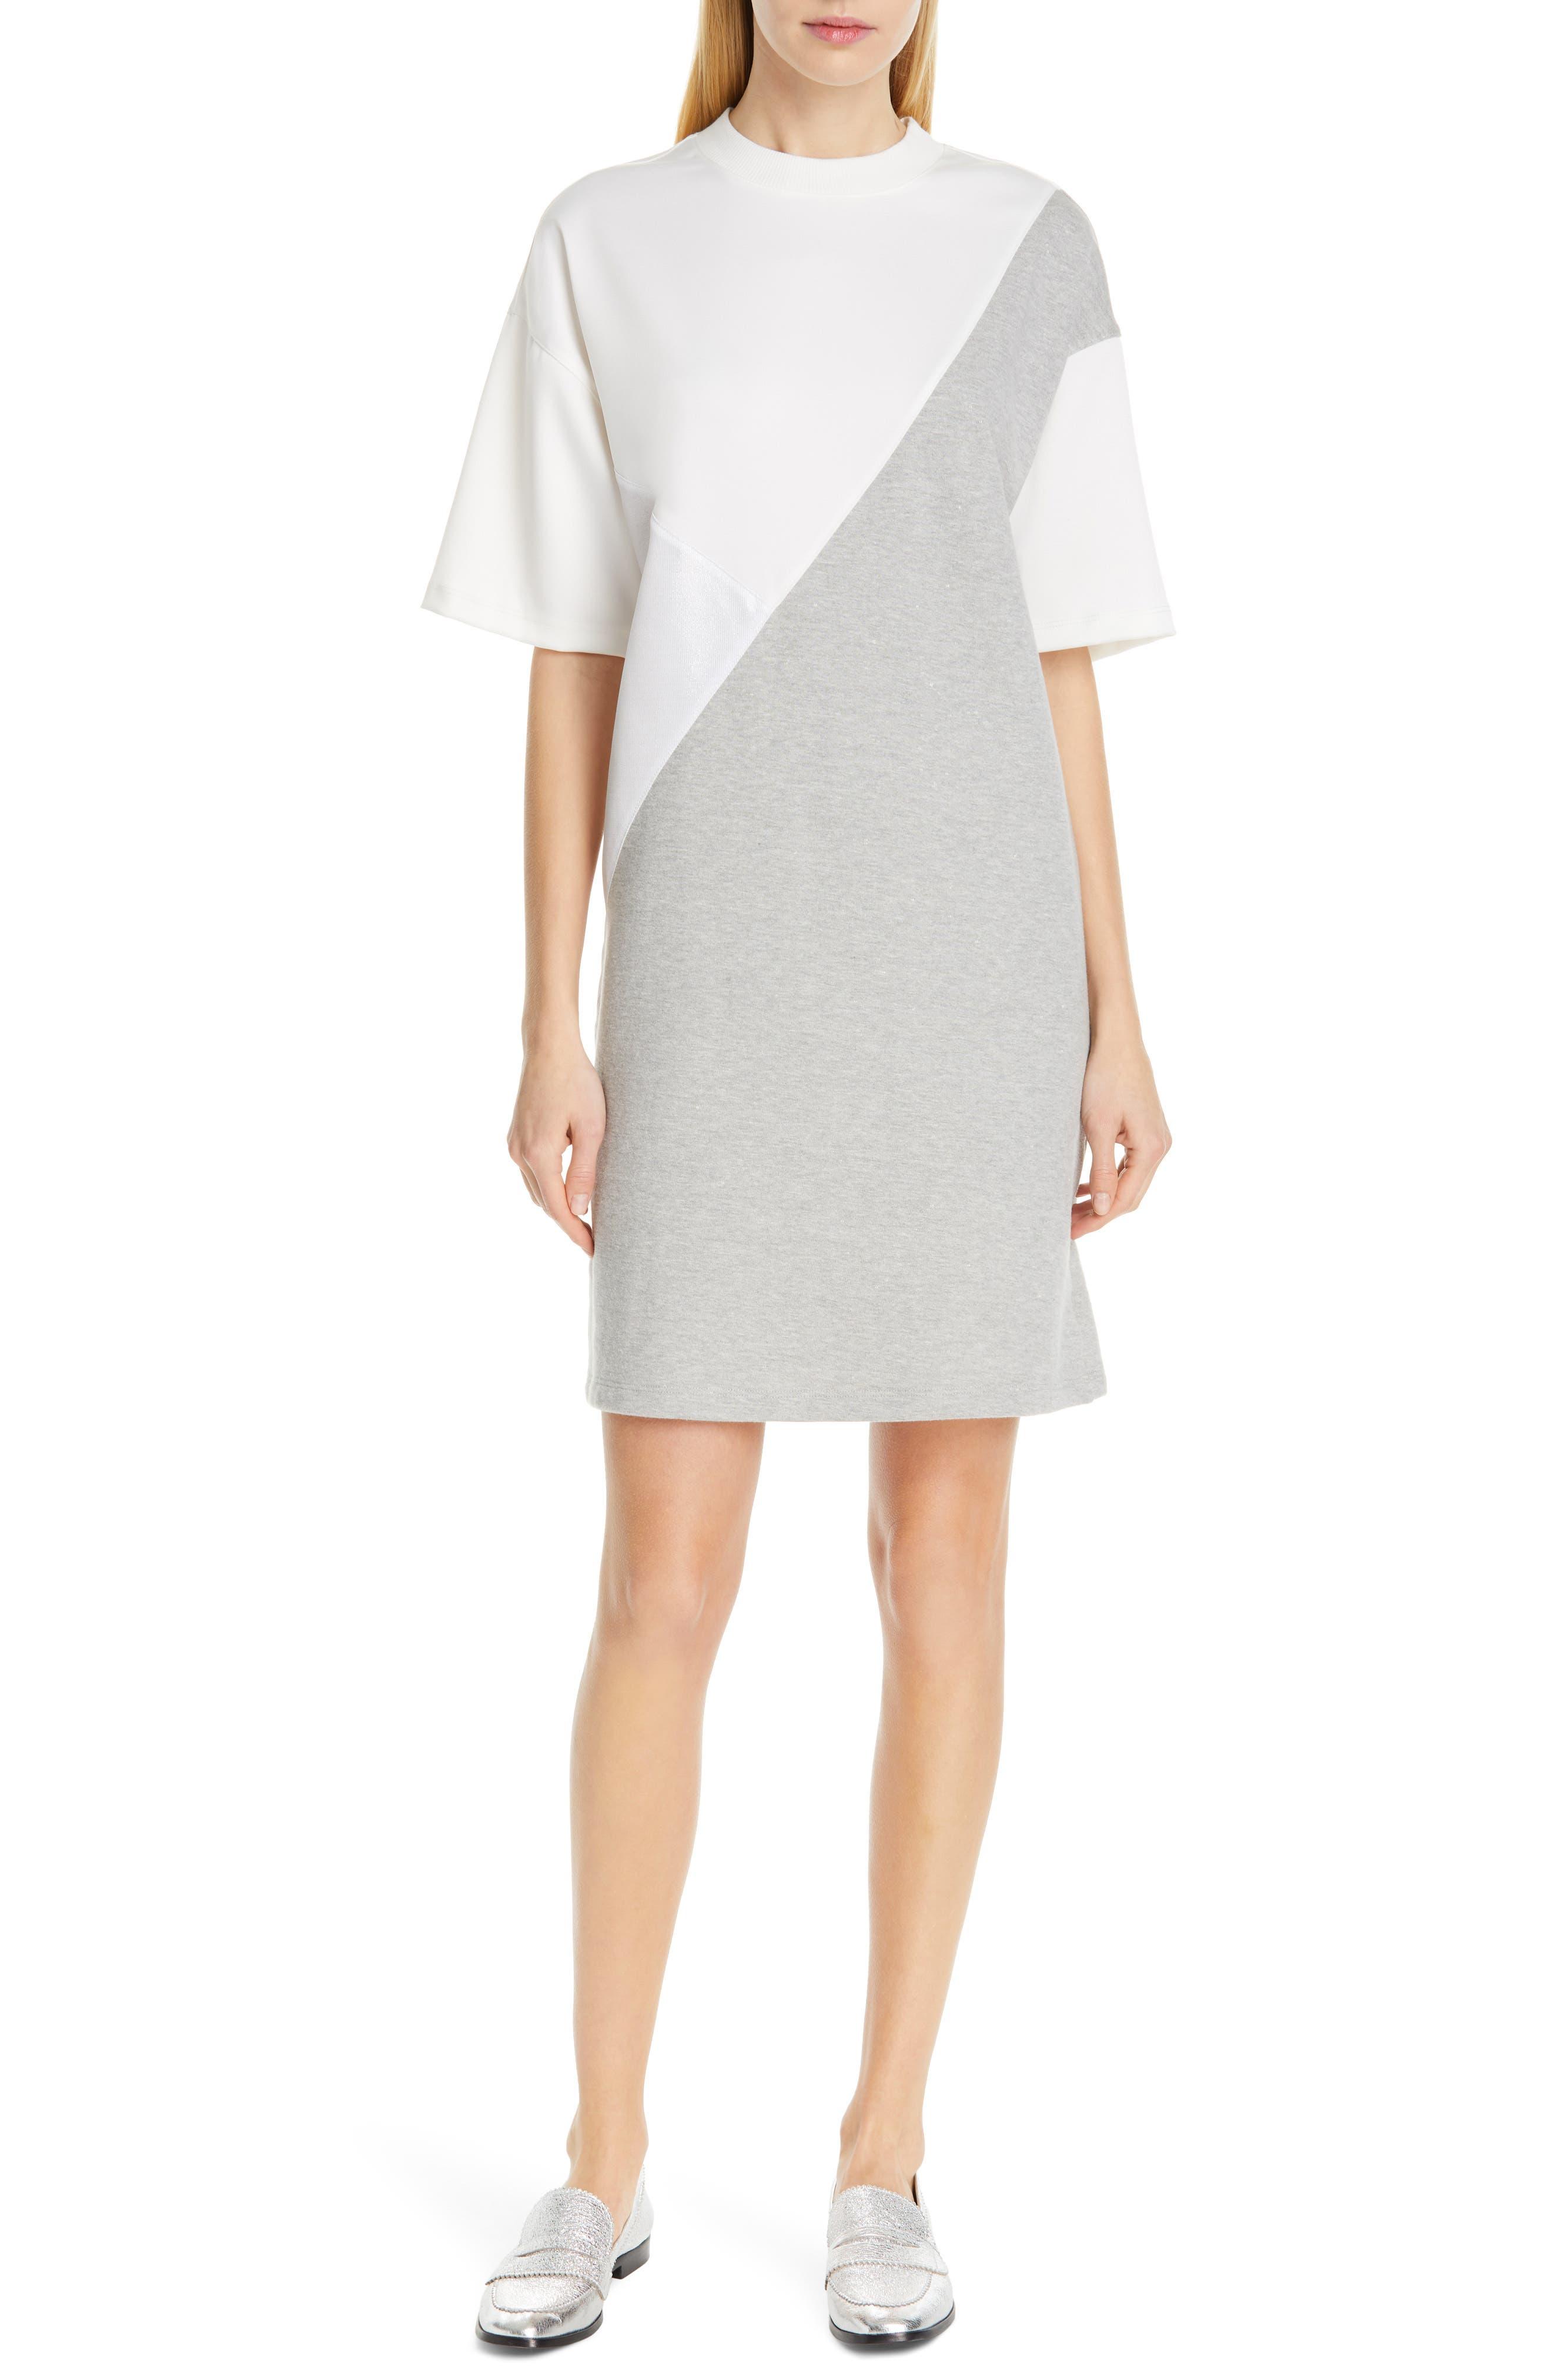 Clu Colorblock Dress, White